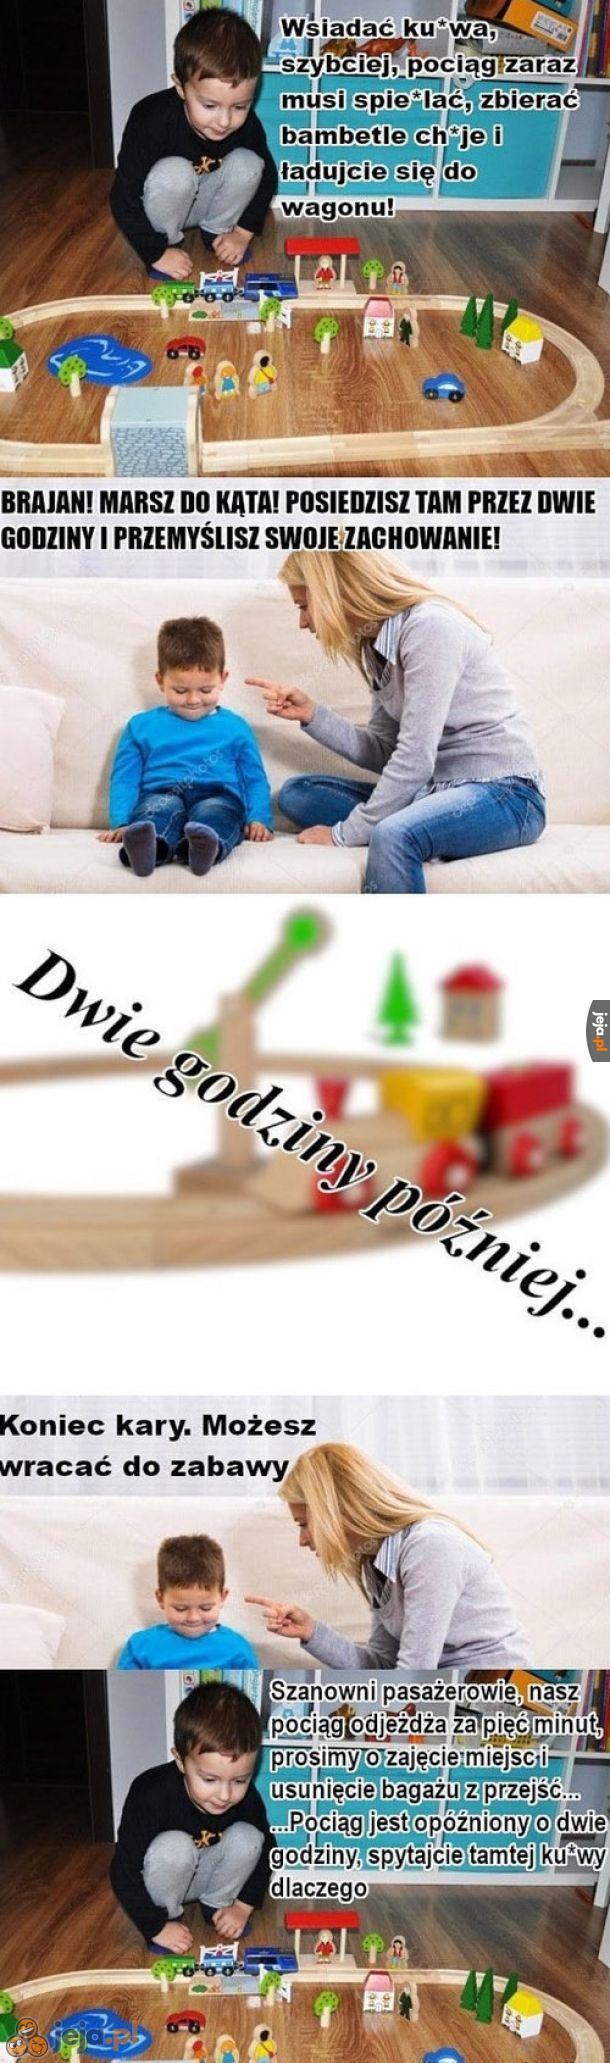 Typowa zabawa kolejką